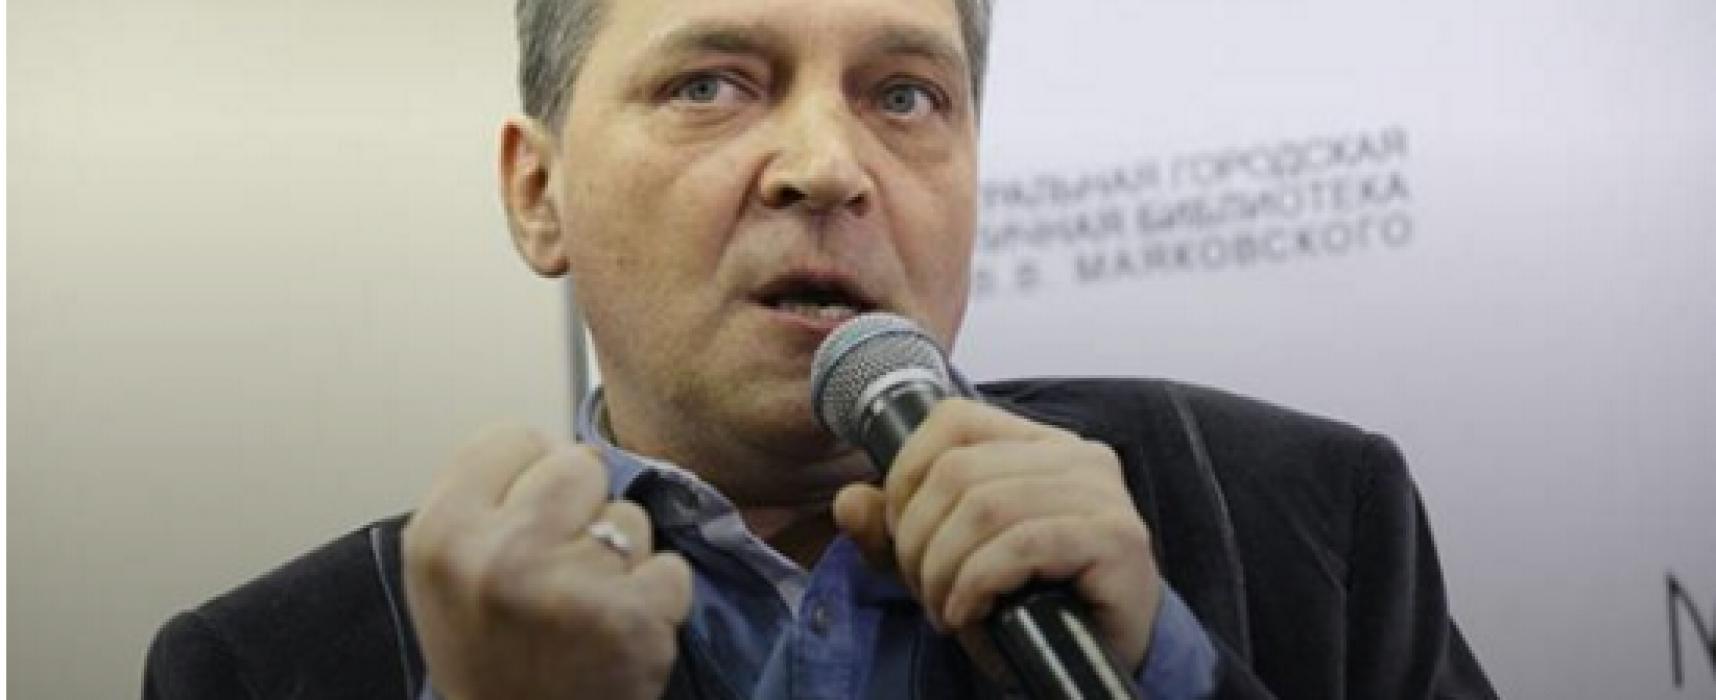 Analista ruso: Putin nunca dejará a Ucrania en paz